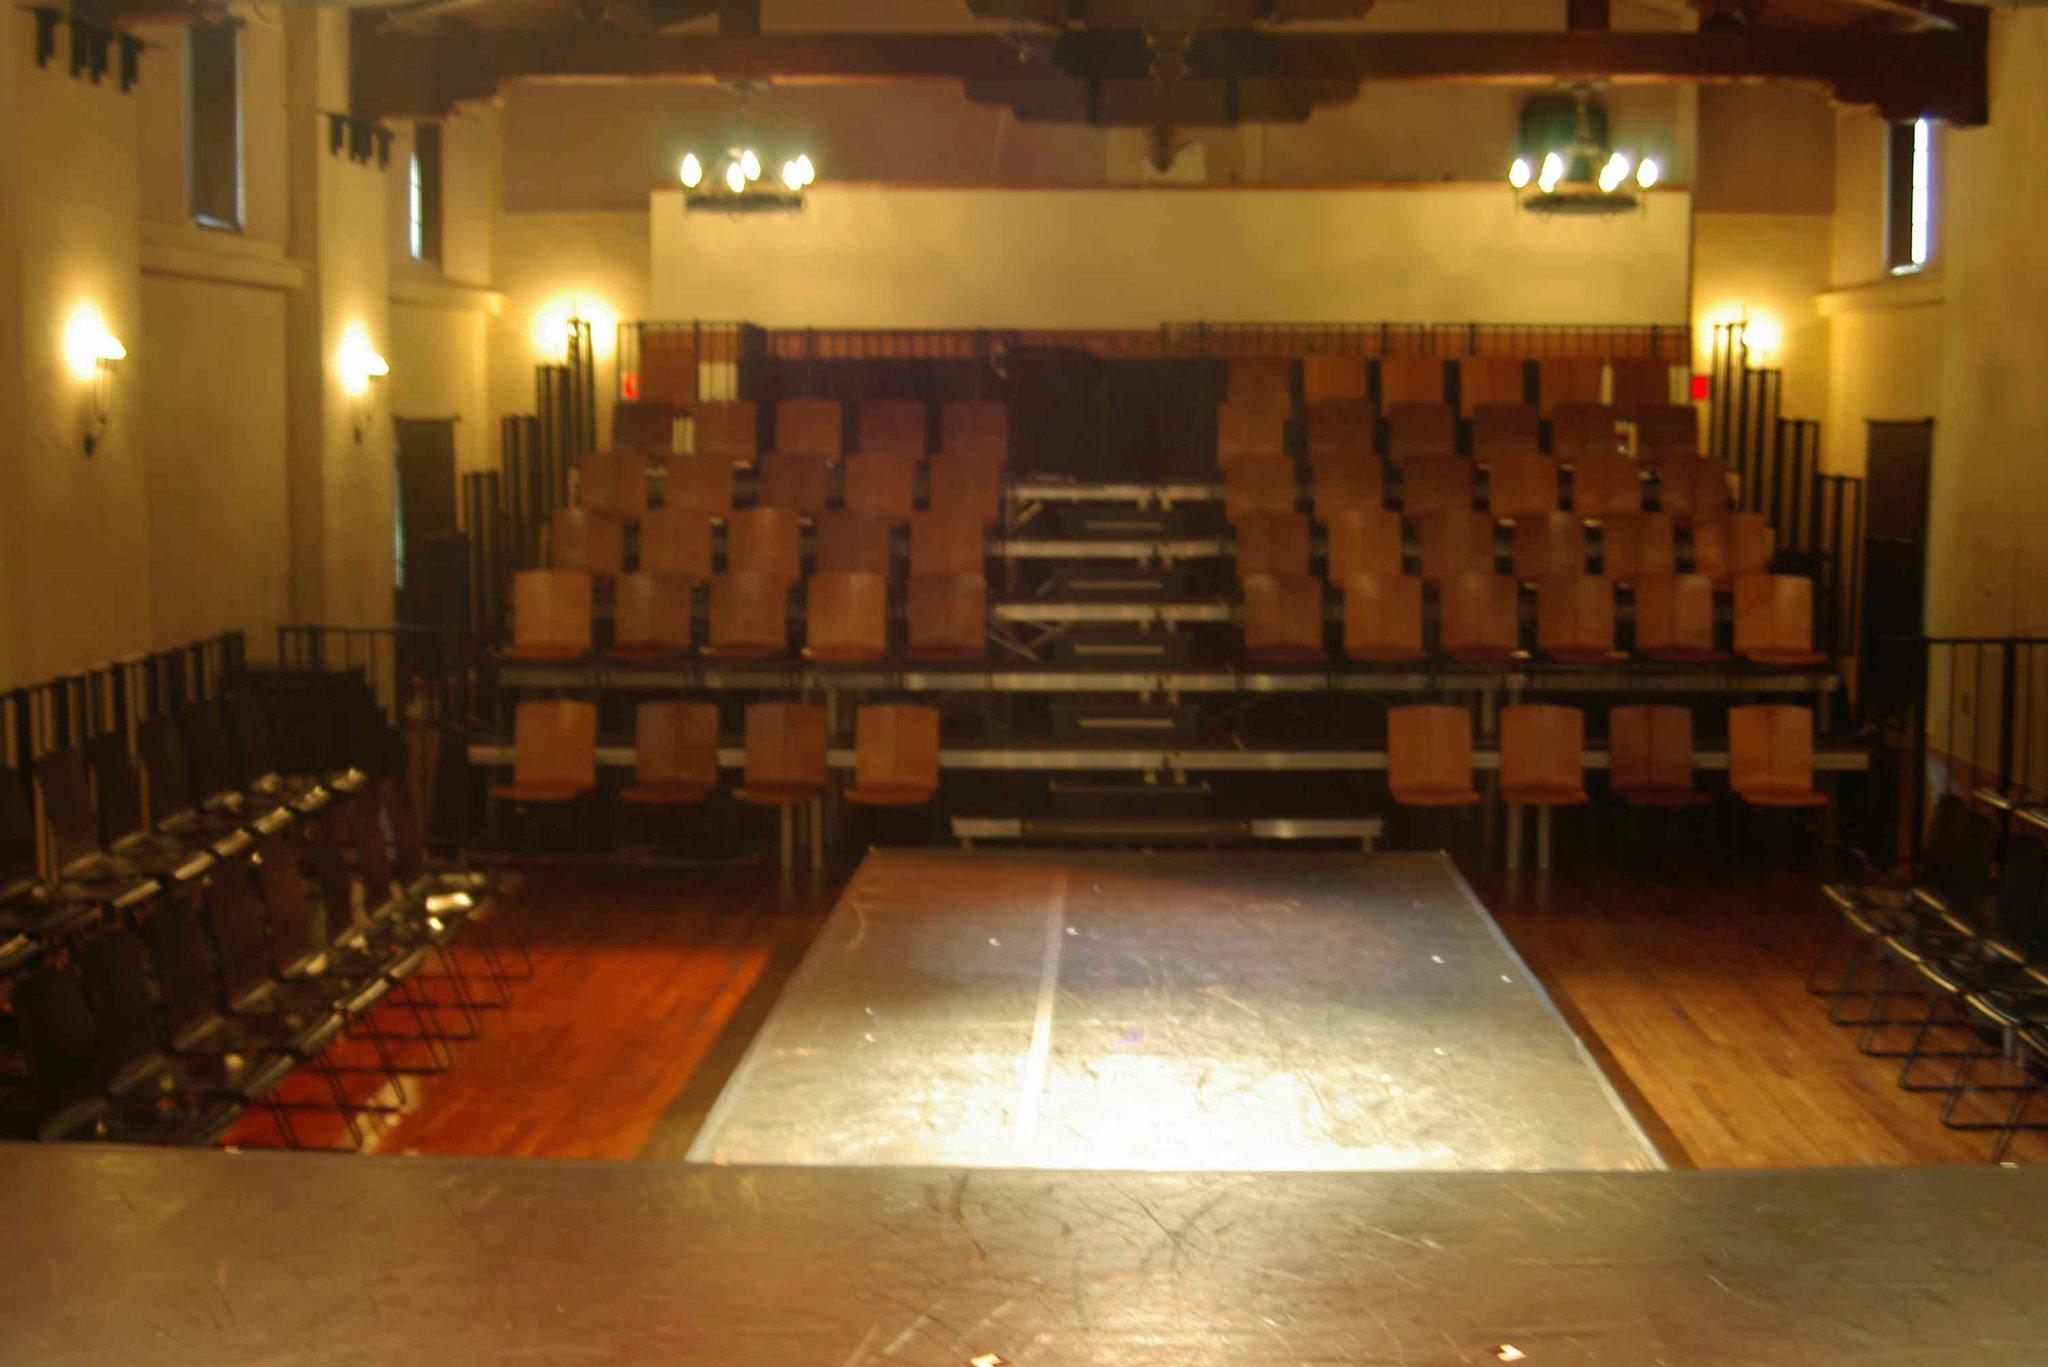 Miles Playhouse